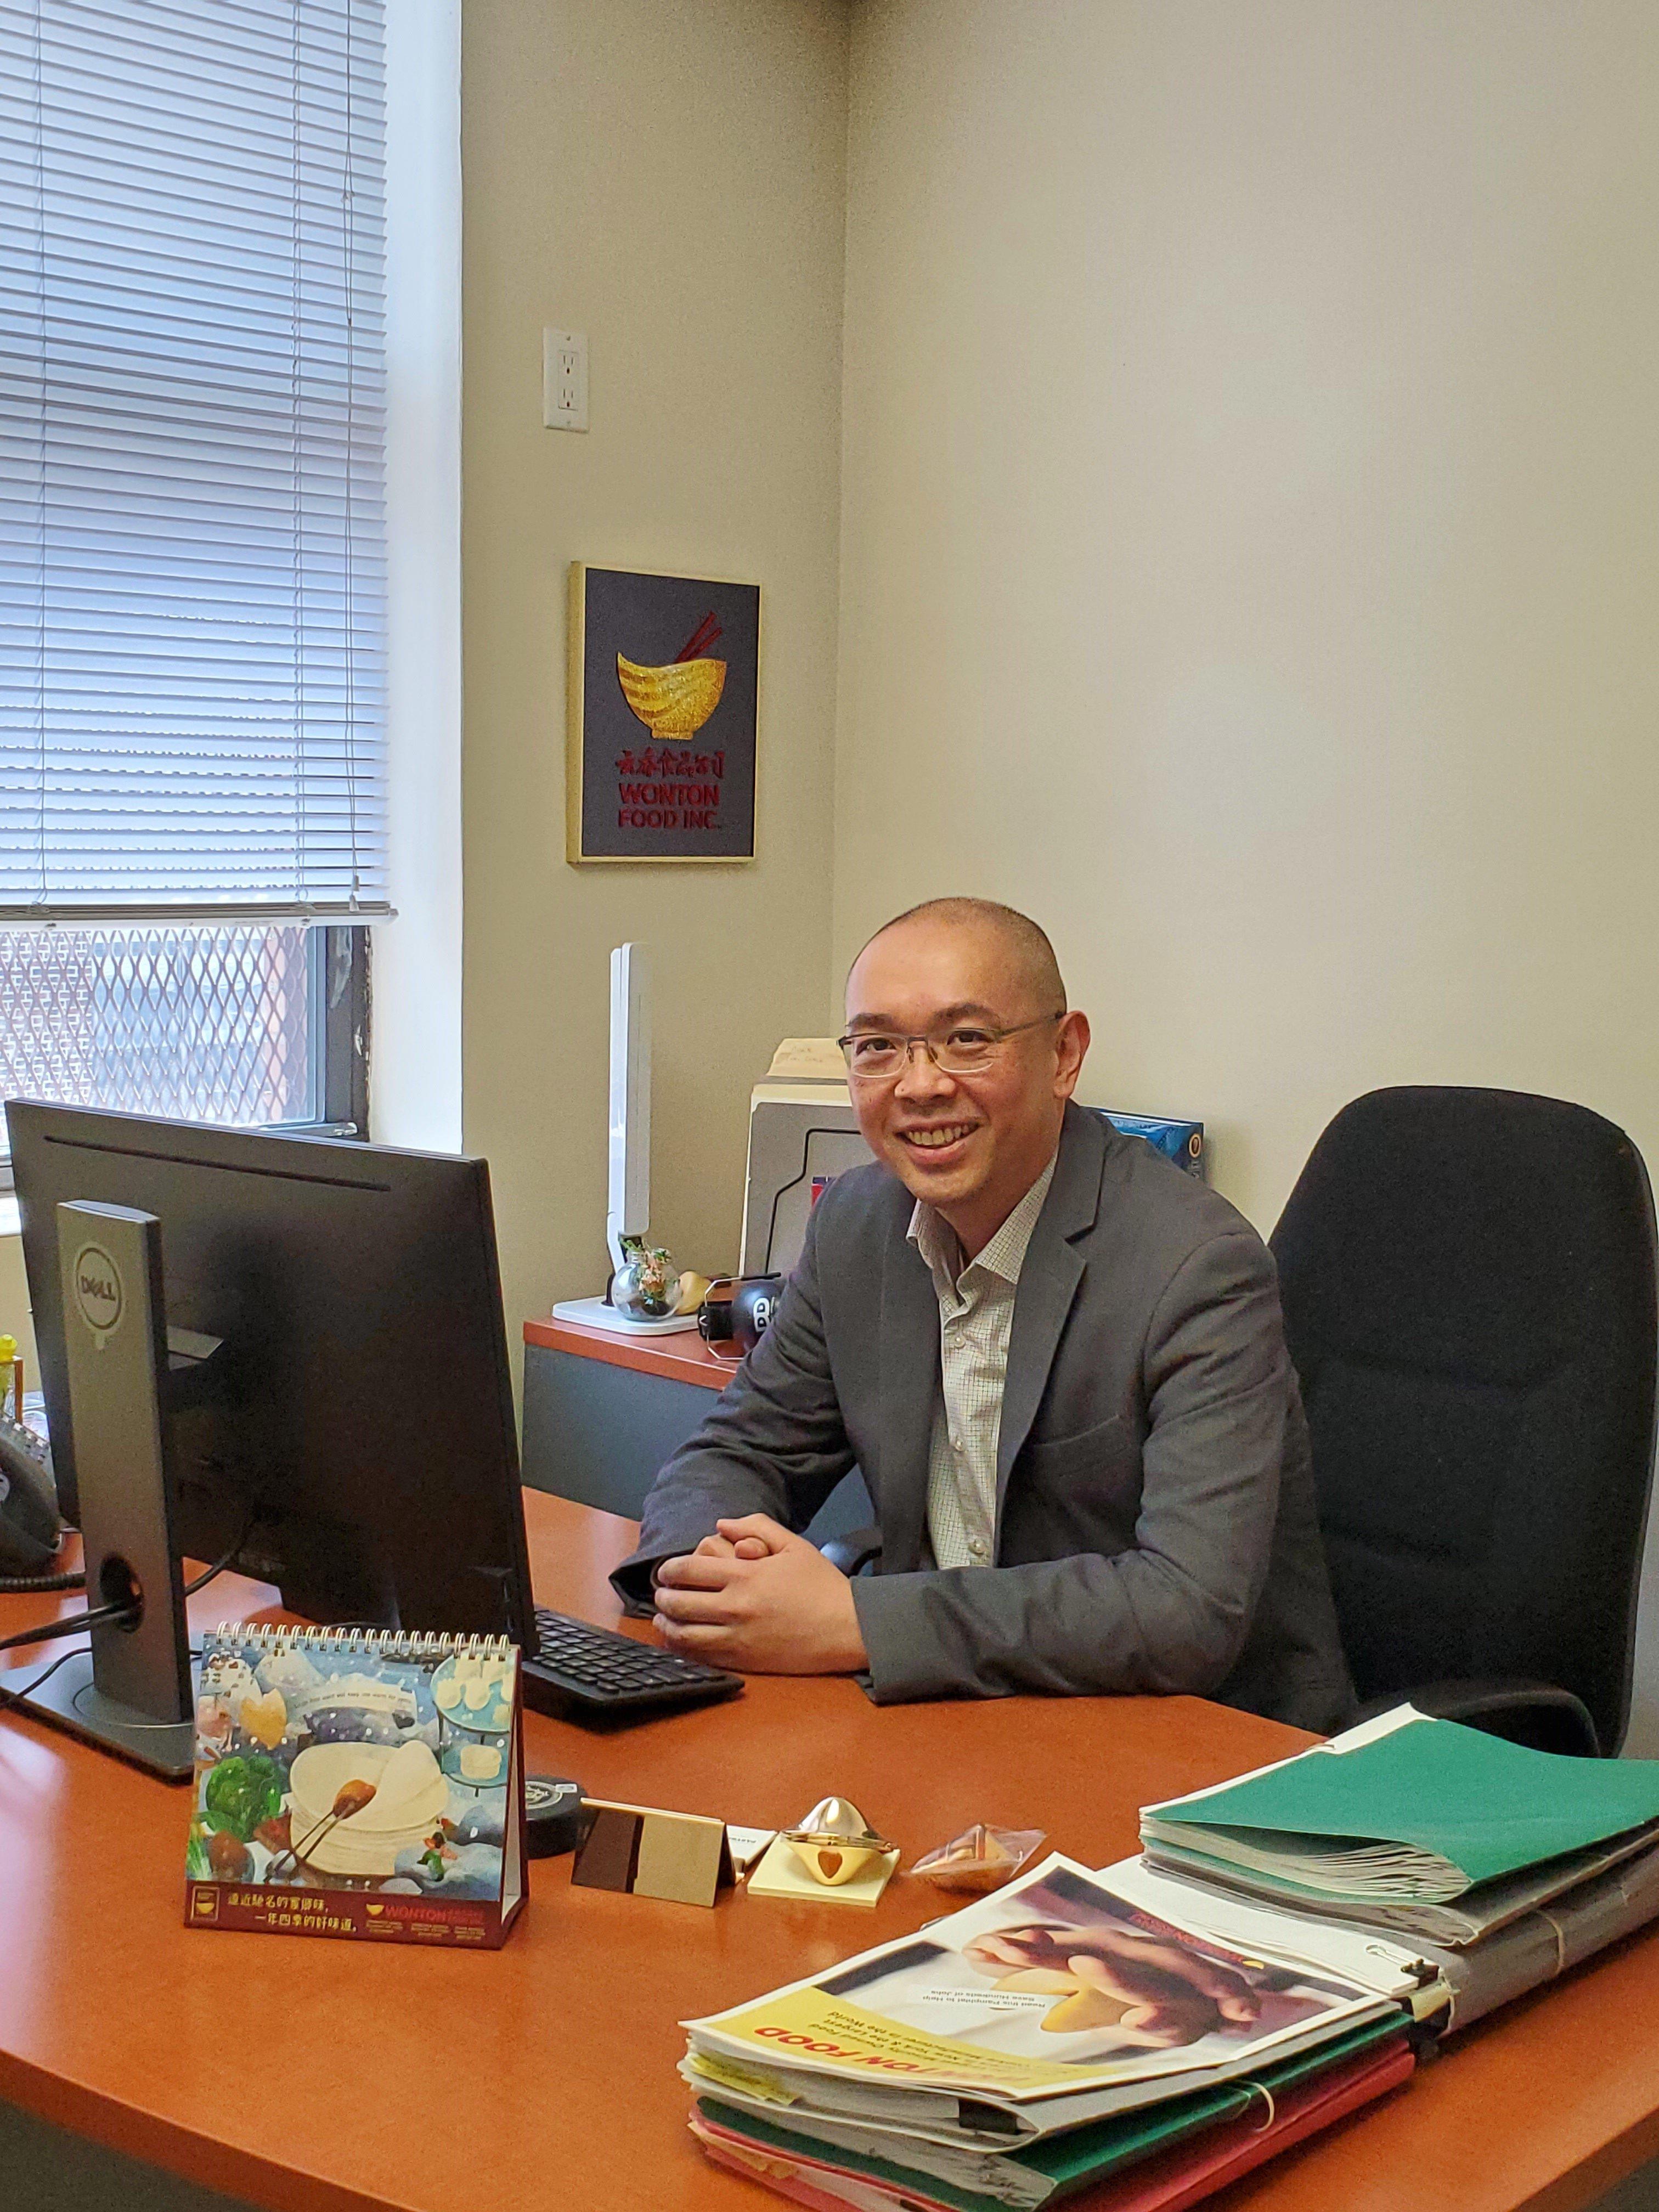 雲吞食品公司人力資源經理陳少明(Tommy Chin)。(陳少明提供)